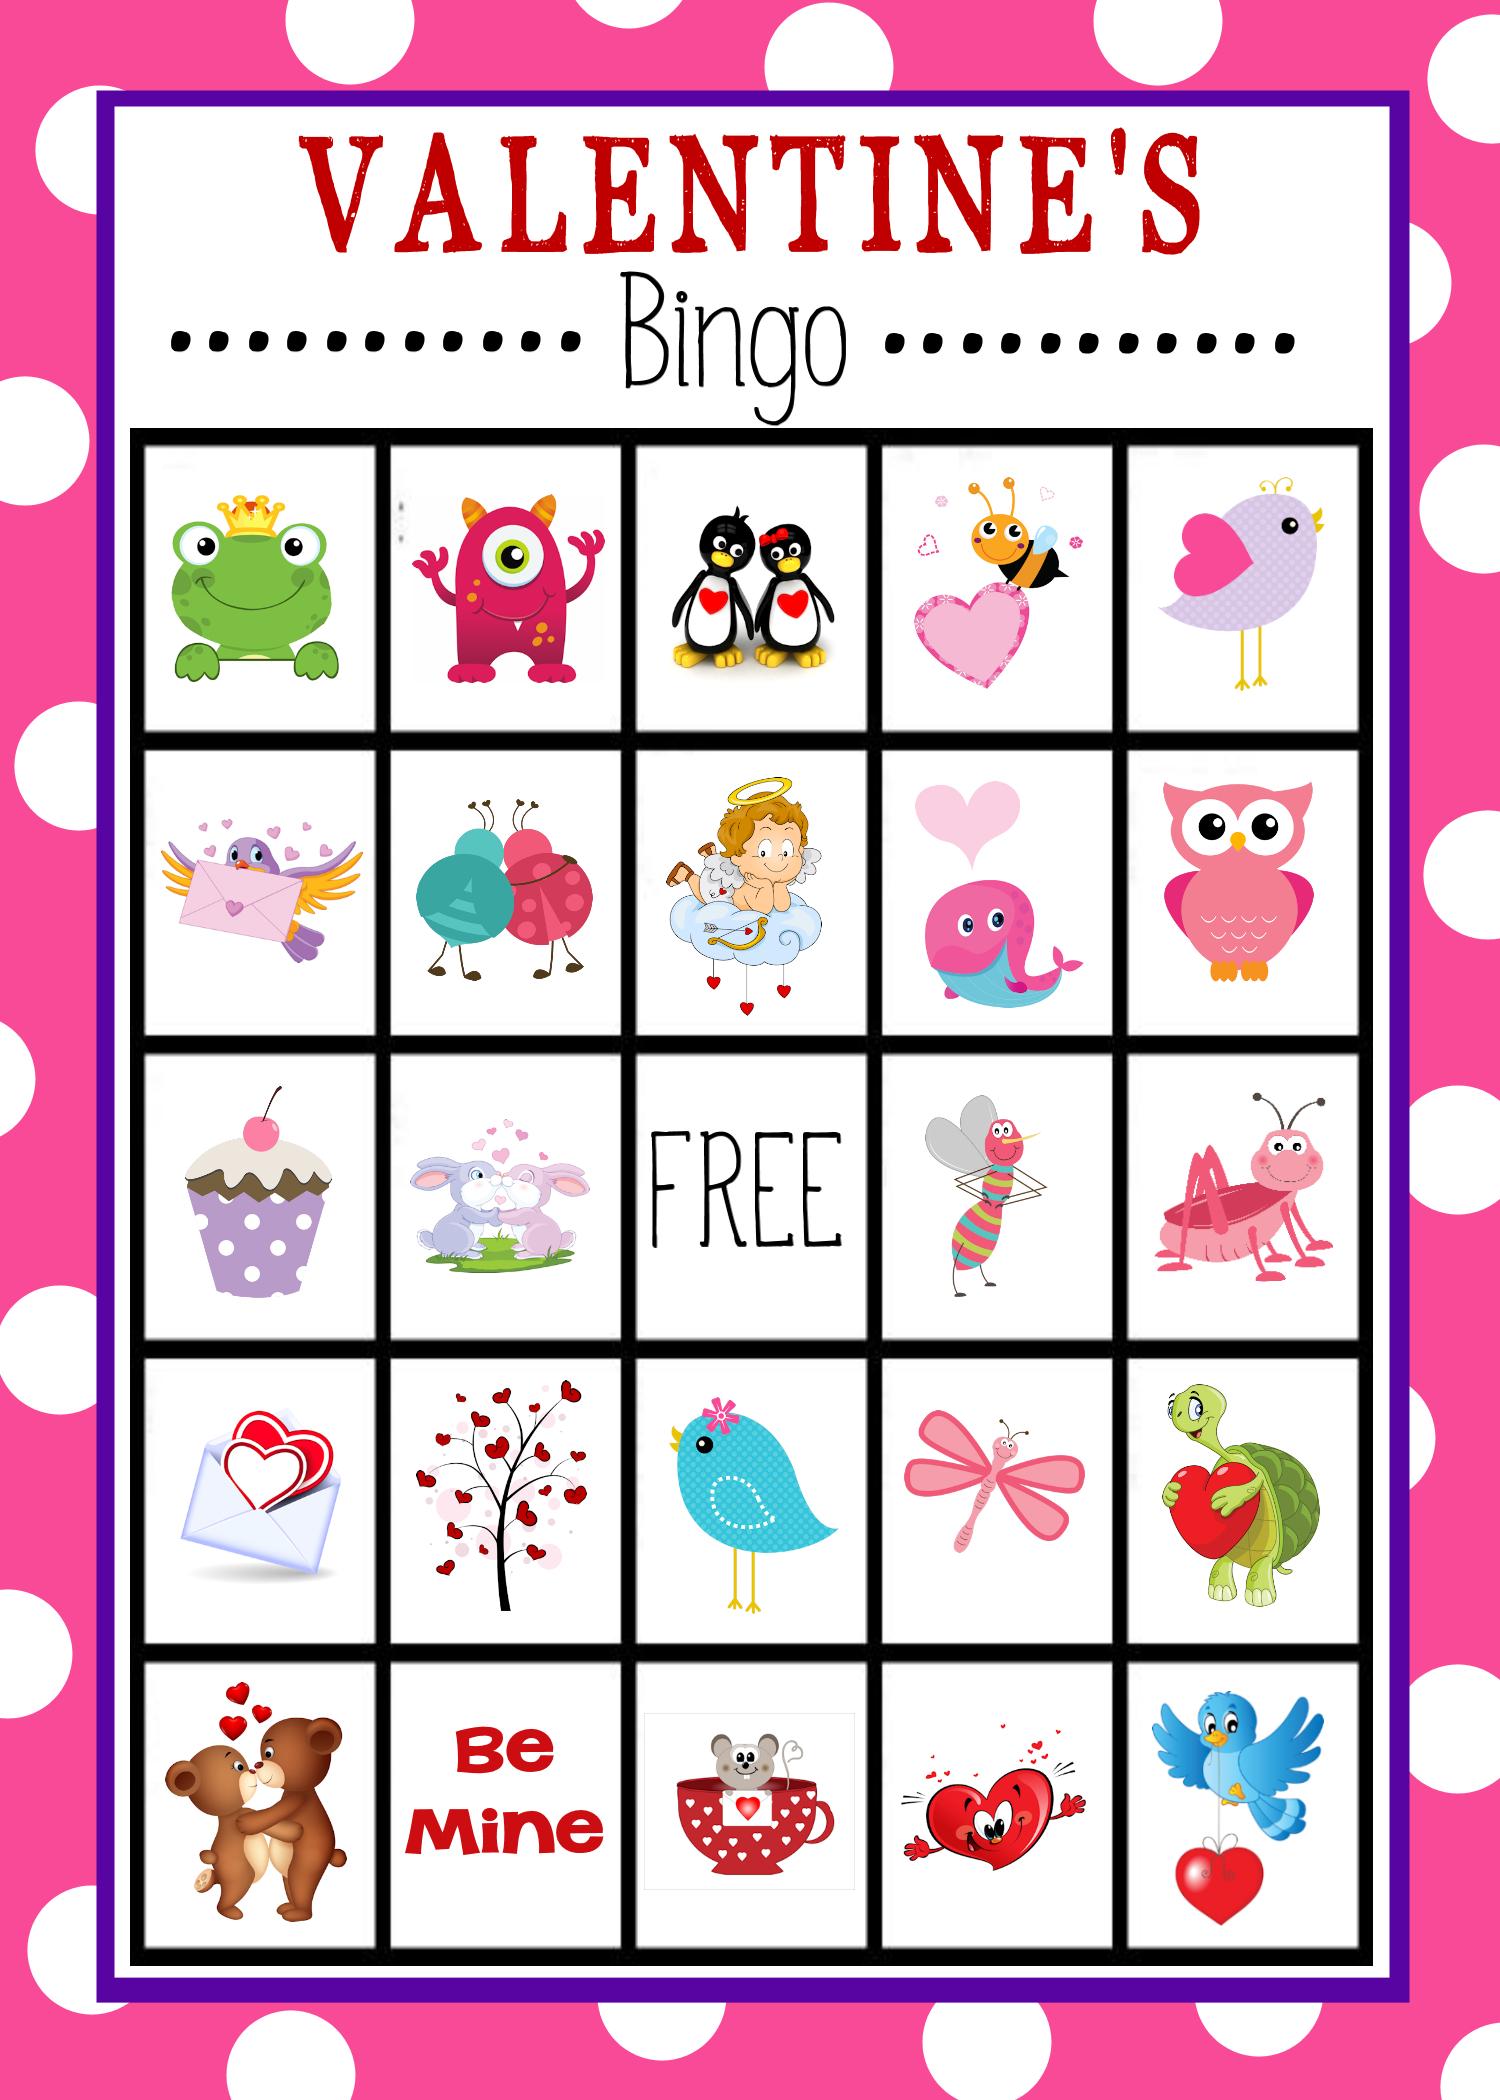 Valentine's Bingo Game To Print & Play   Valentine Bingo